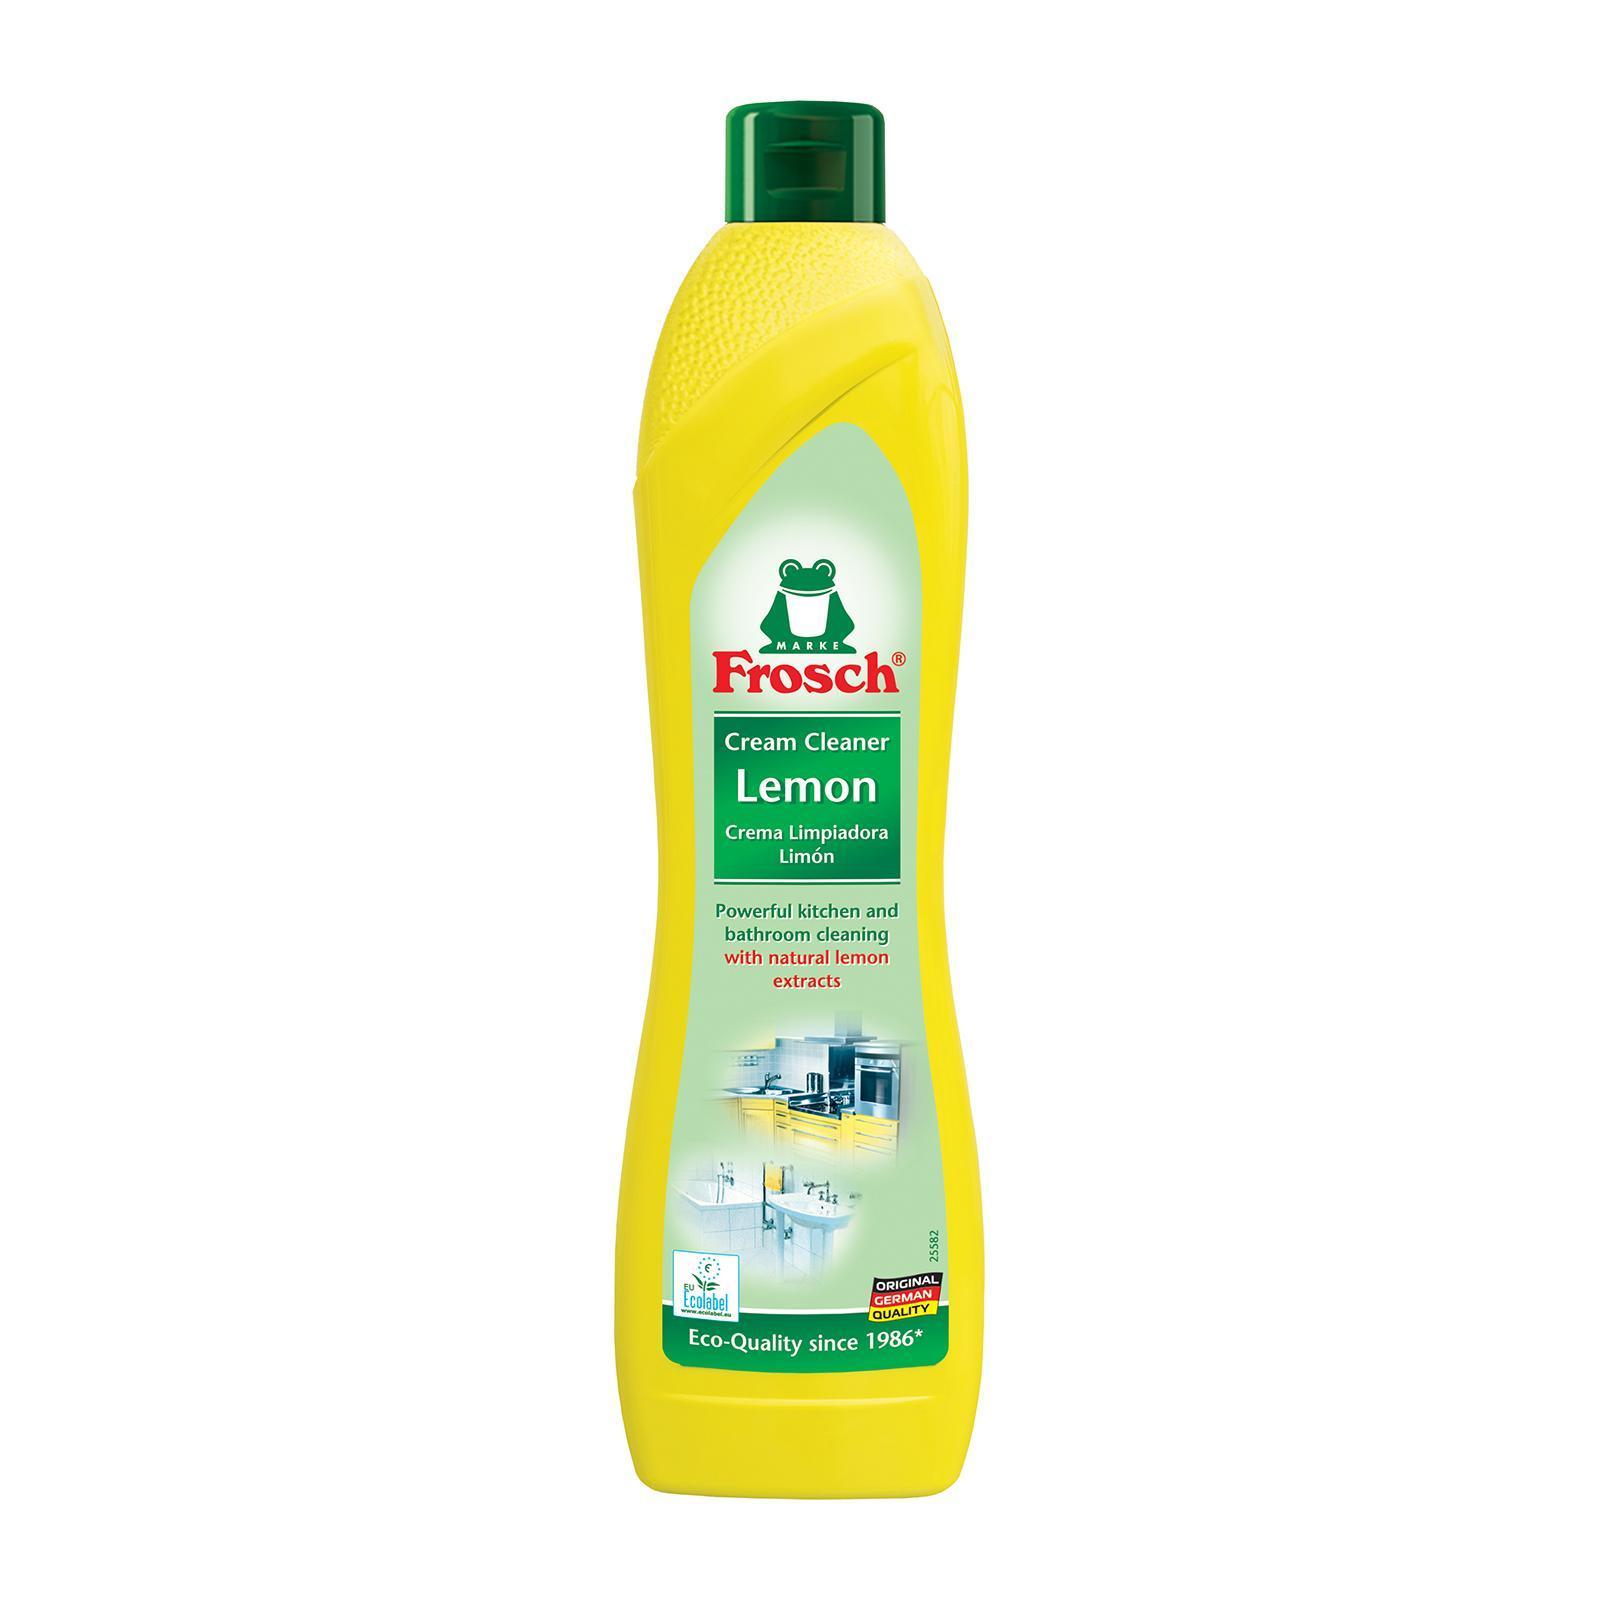 Frosch Lemon Cream Cleaner 500 ML